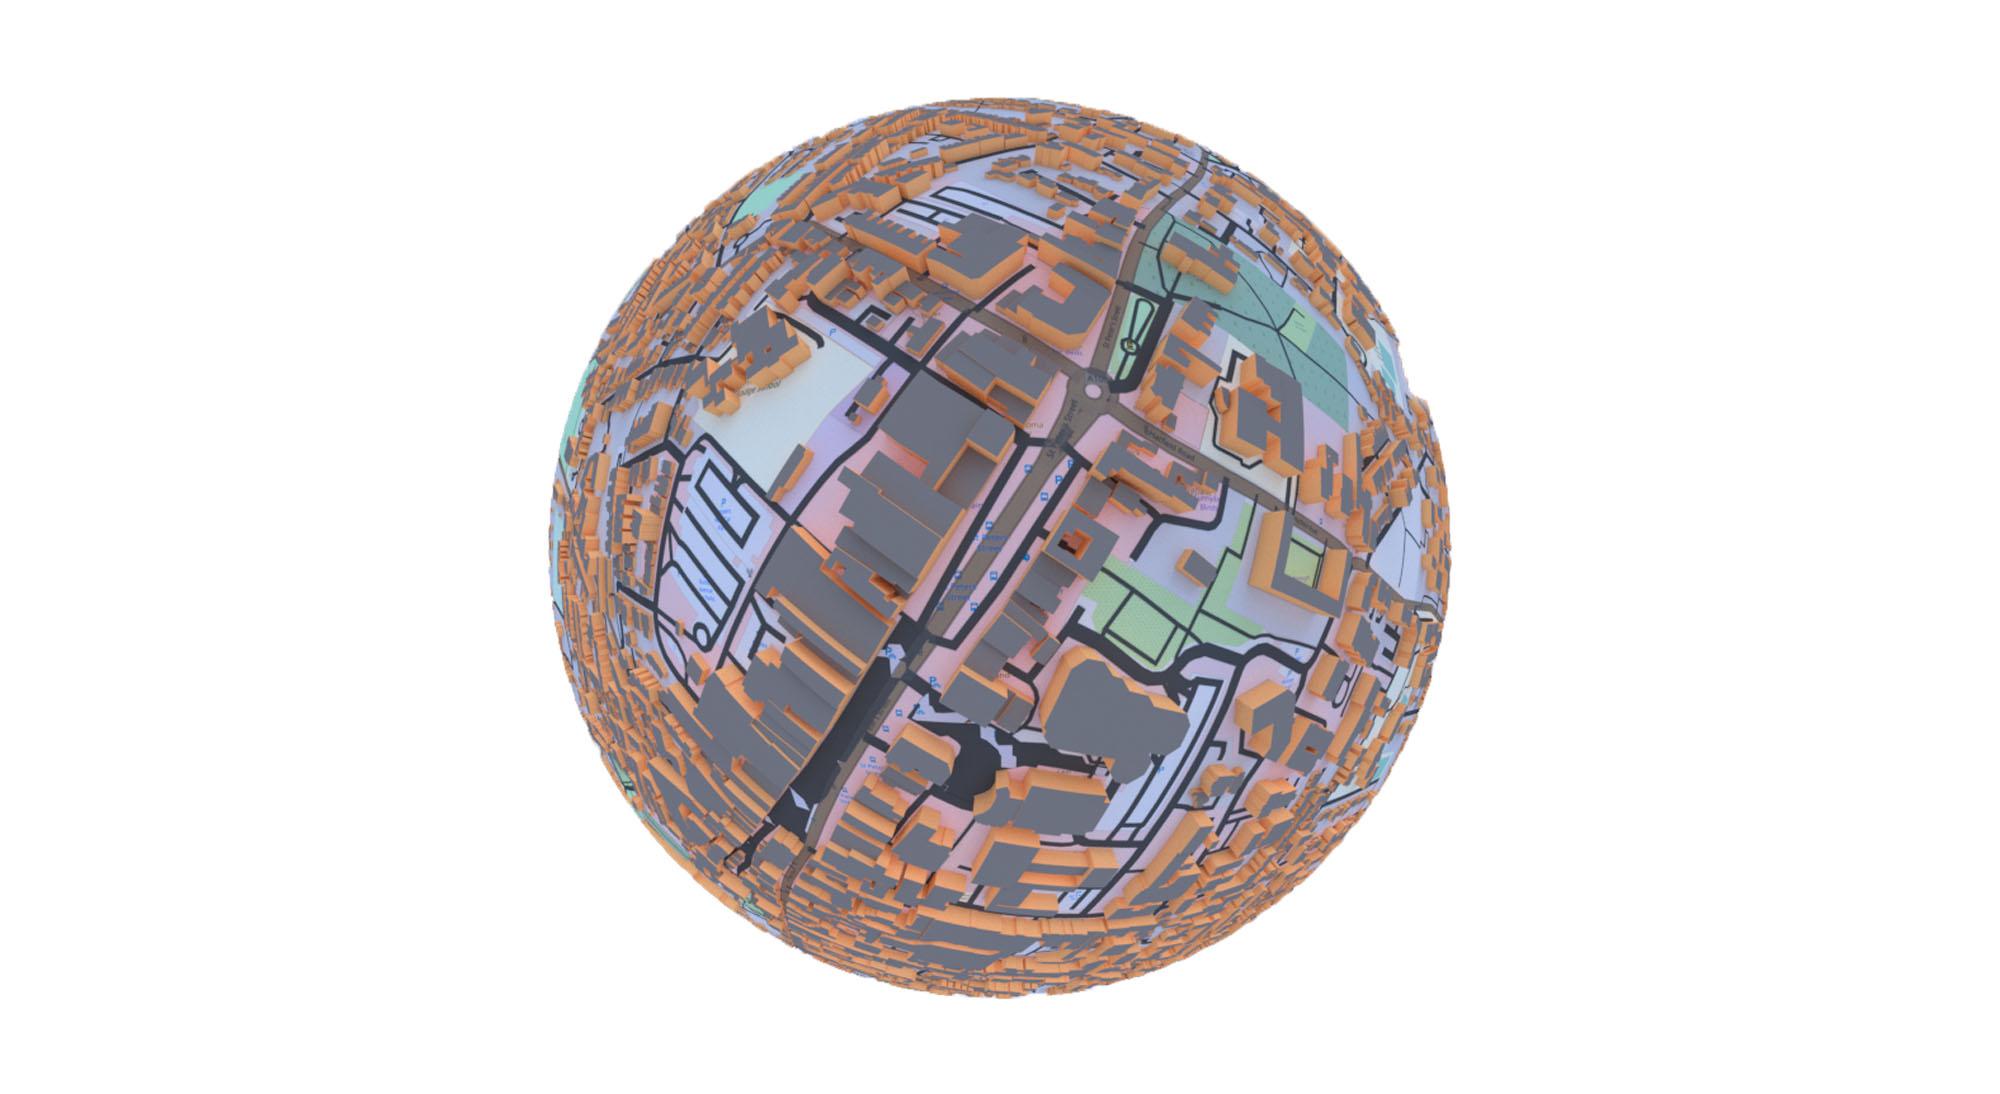 St Albans Globe